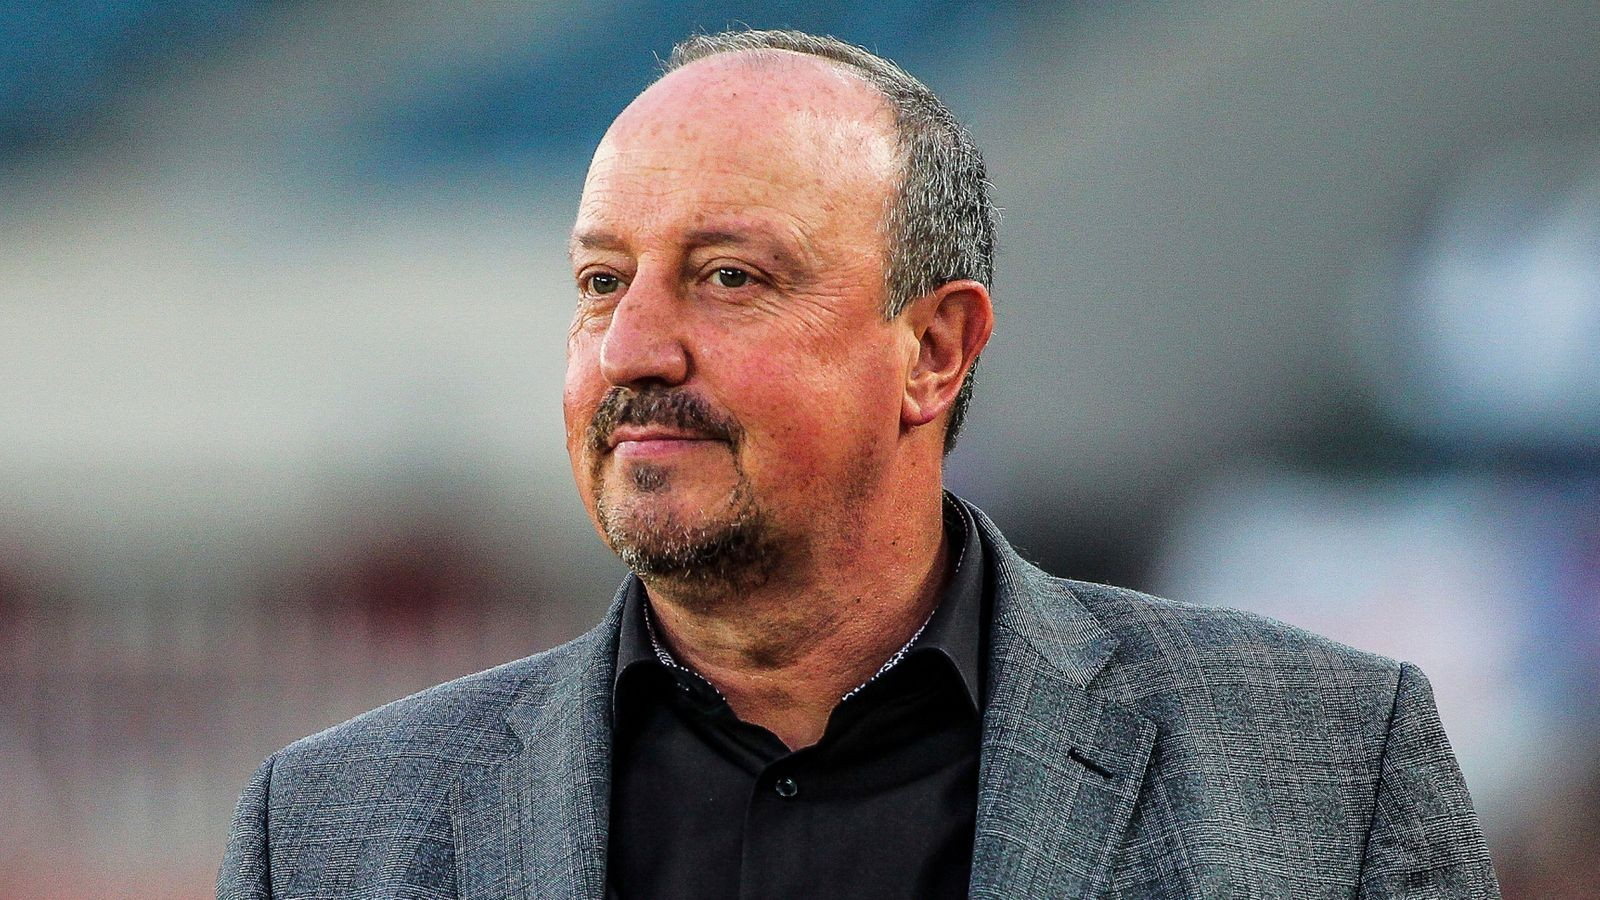 Chê Everton là đội bóng nhỏ, Rafa Benitez giải thích ra sao?  - Bóng Đá